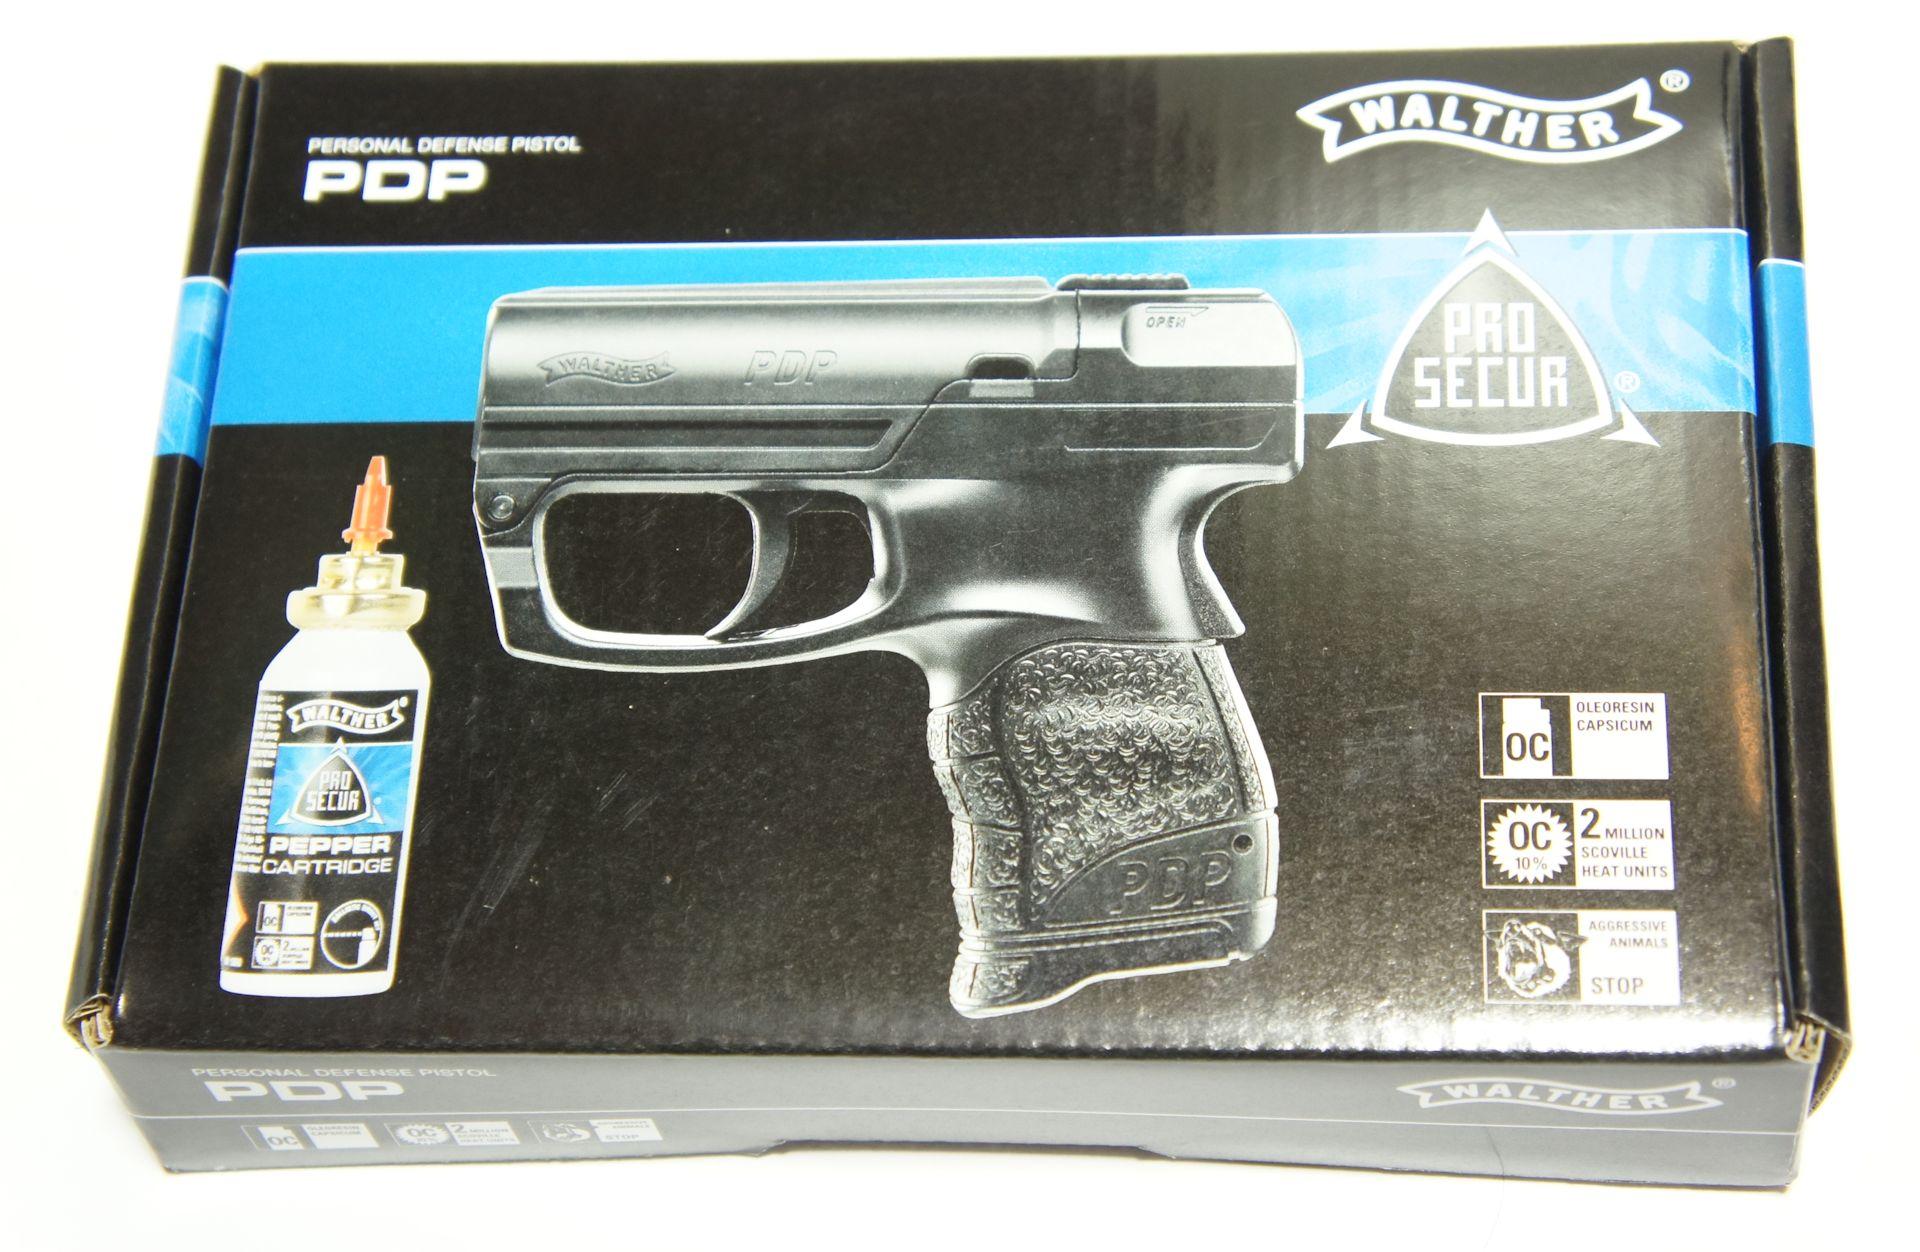 Das Walther PDP wird in ansprechender Verpackung geliefert